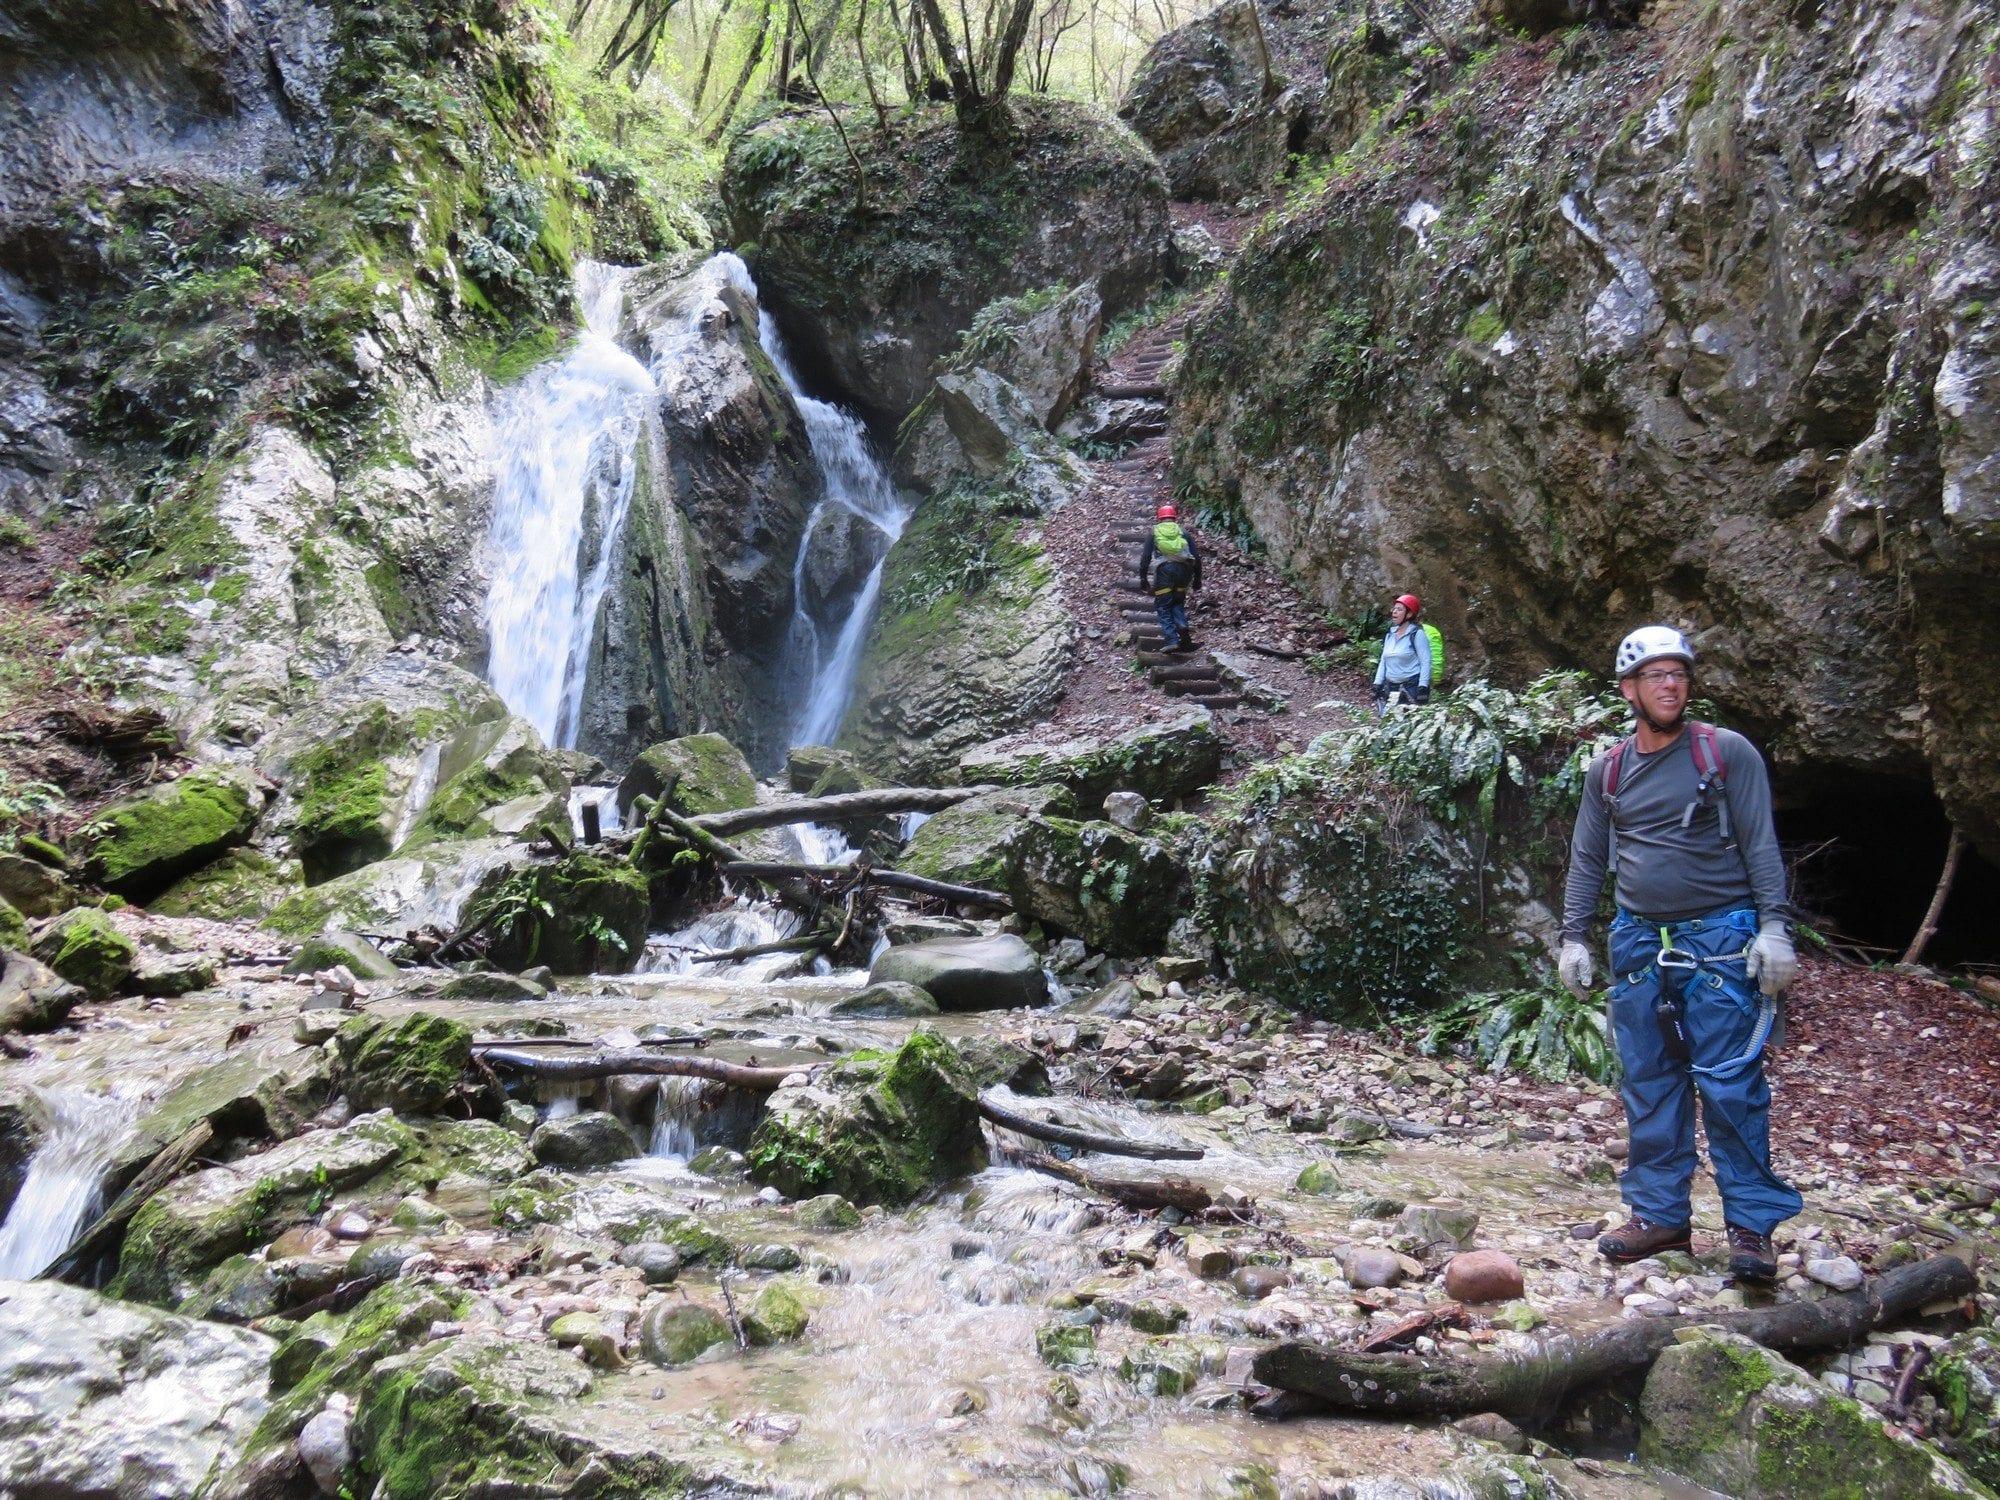 ויה פראטה Sallagoni - מפלים צפון איטליה - ערוצים בטבע